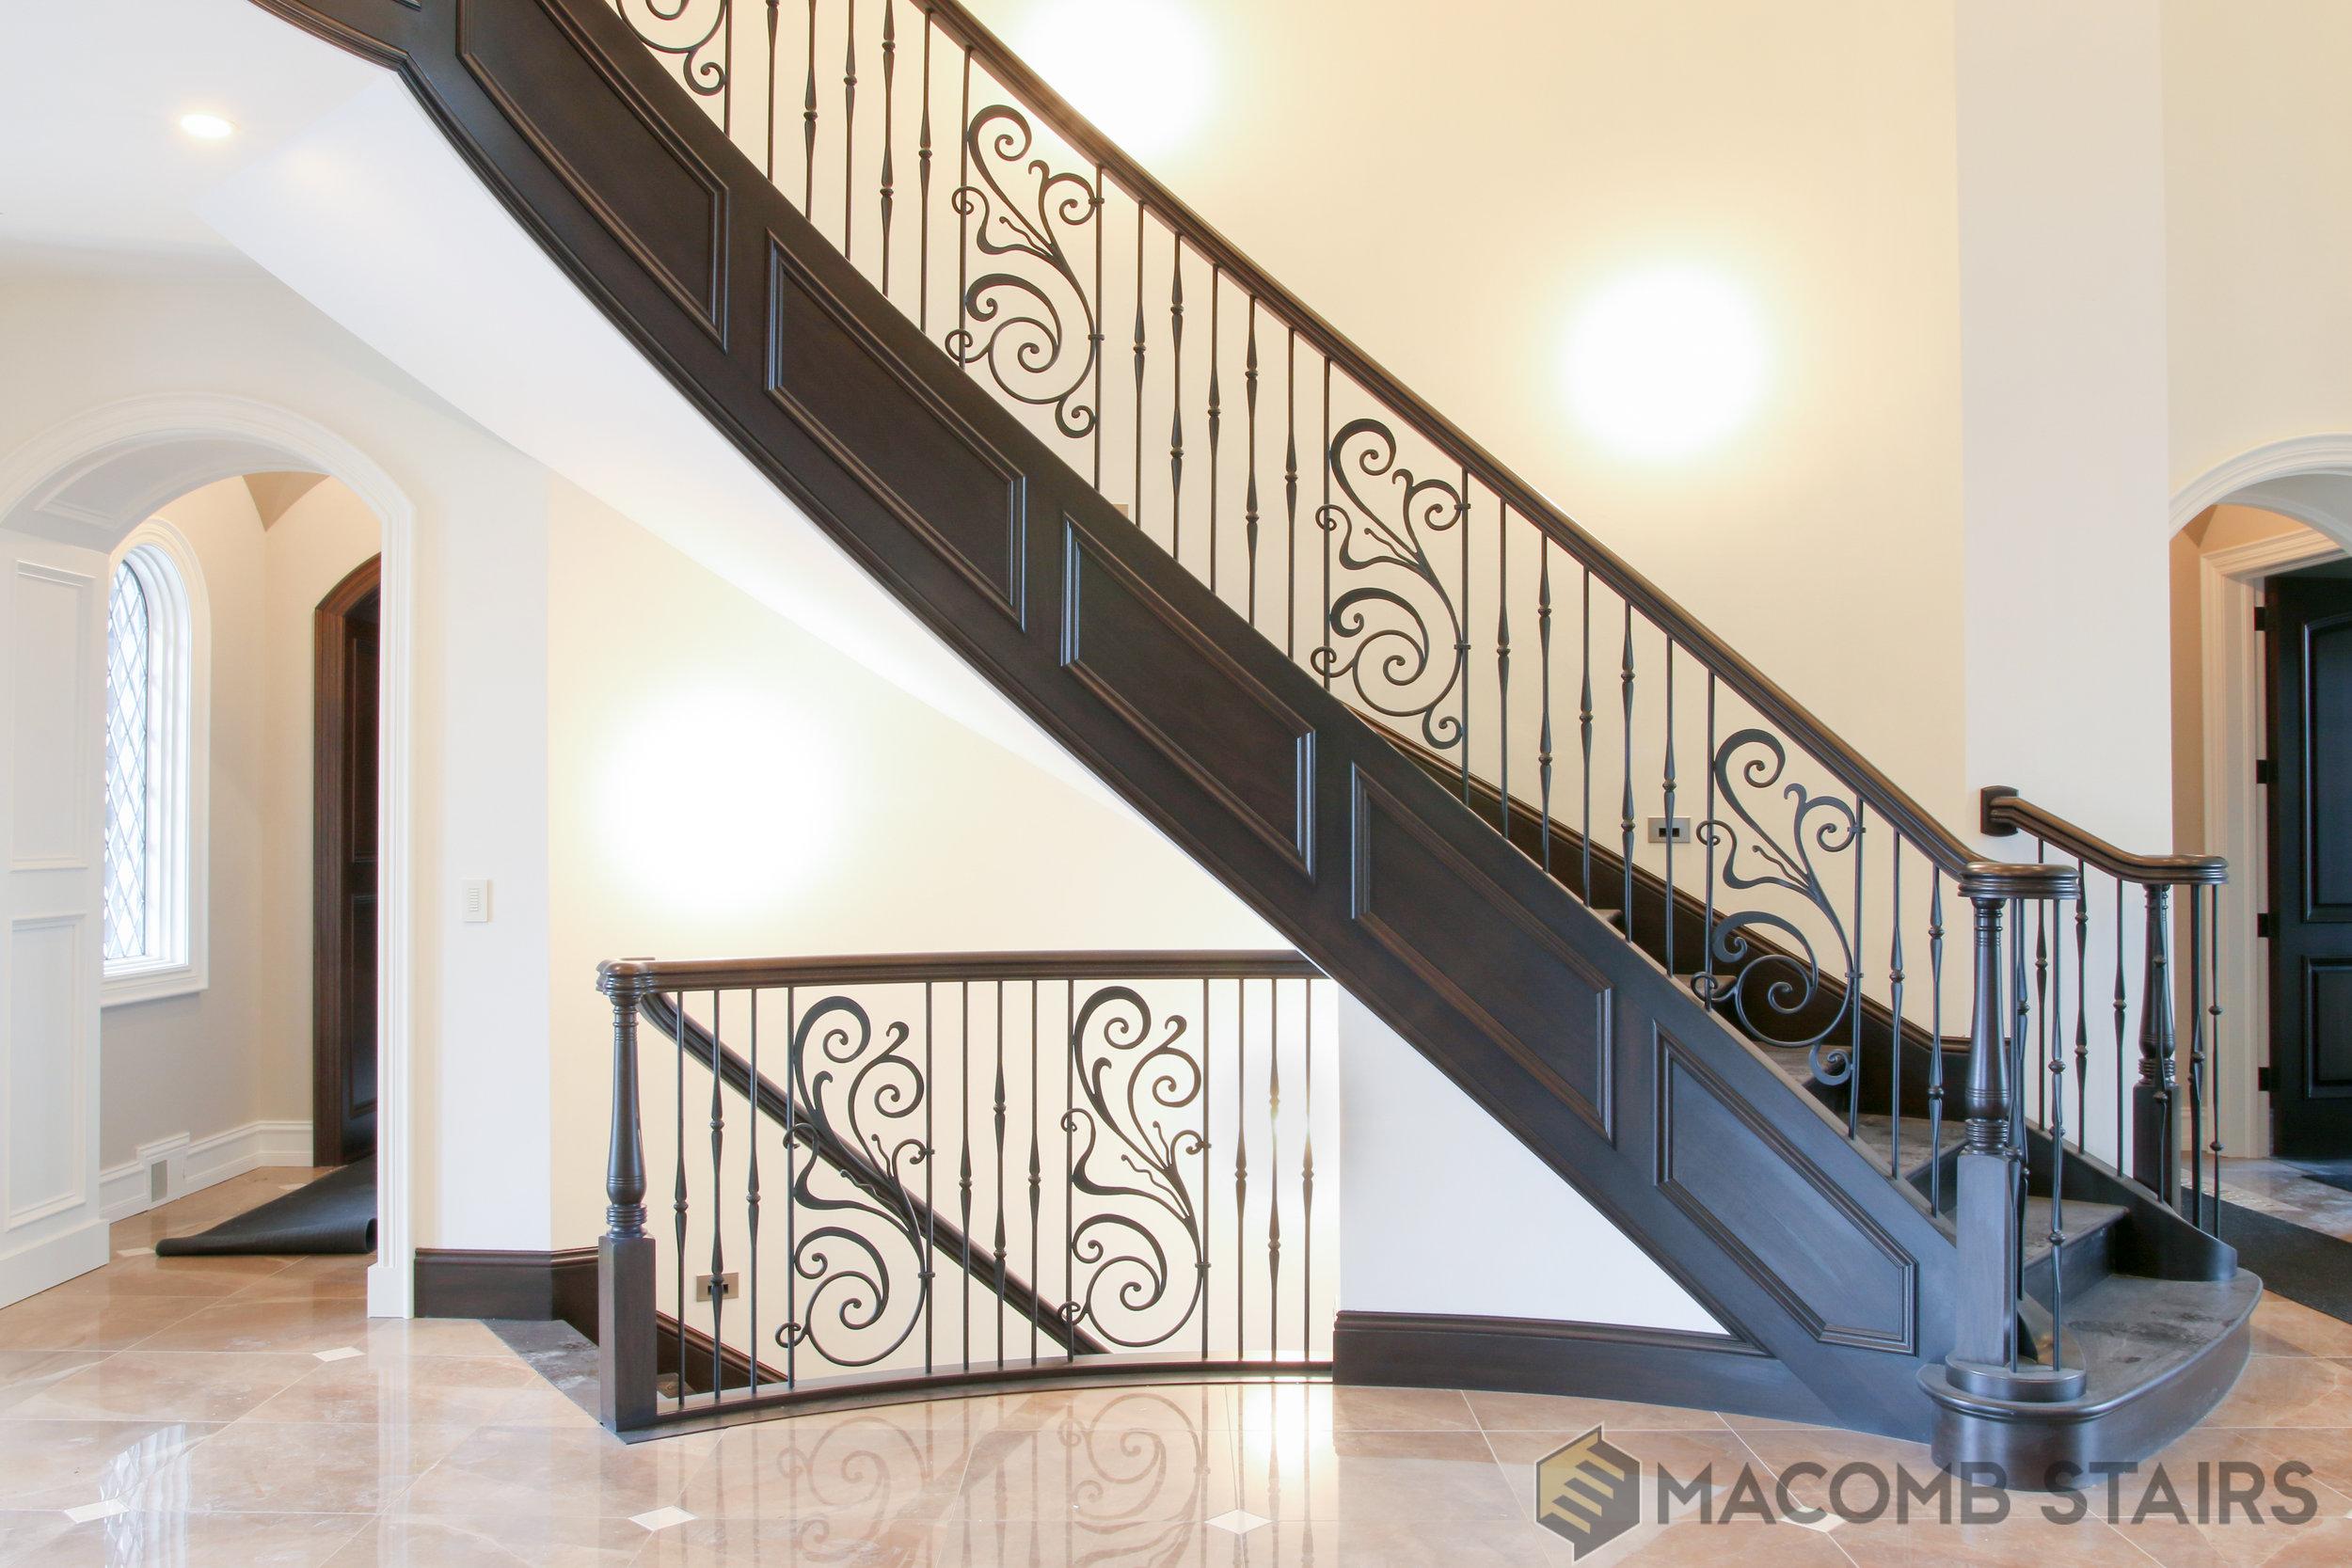 Macimb Stairs- Stair Photo-3-2.jpg